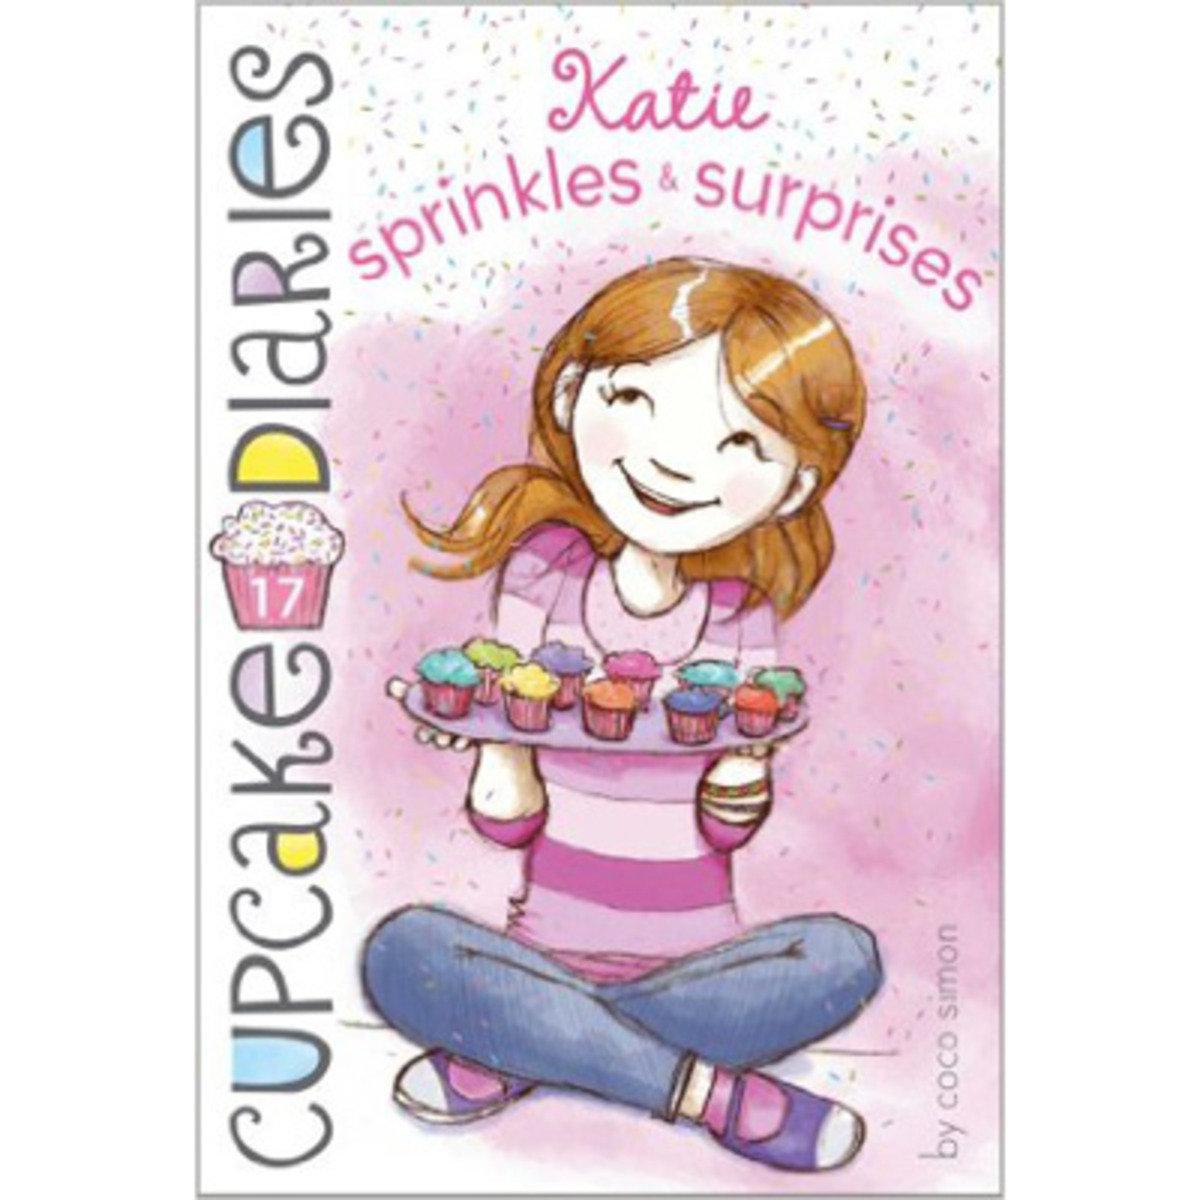 CUPCAKE DIARIES #17 KATIE SPRINKLES & SURPRISES 9781442485907